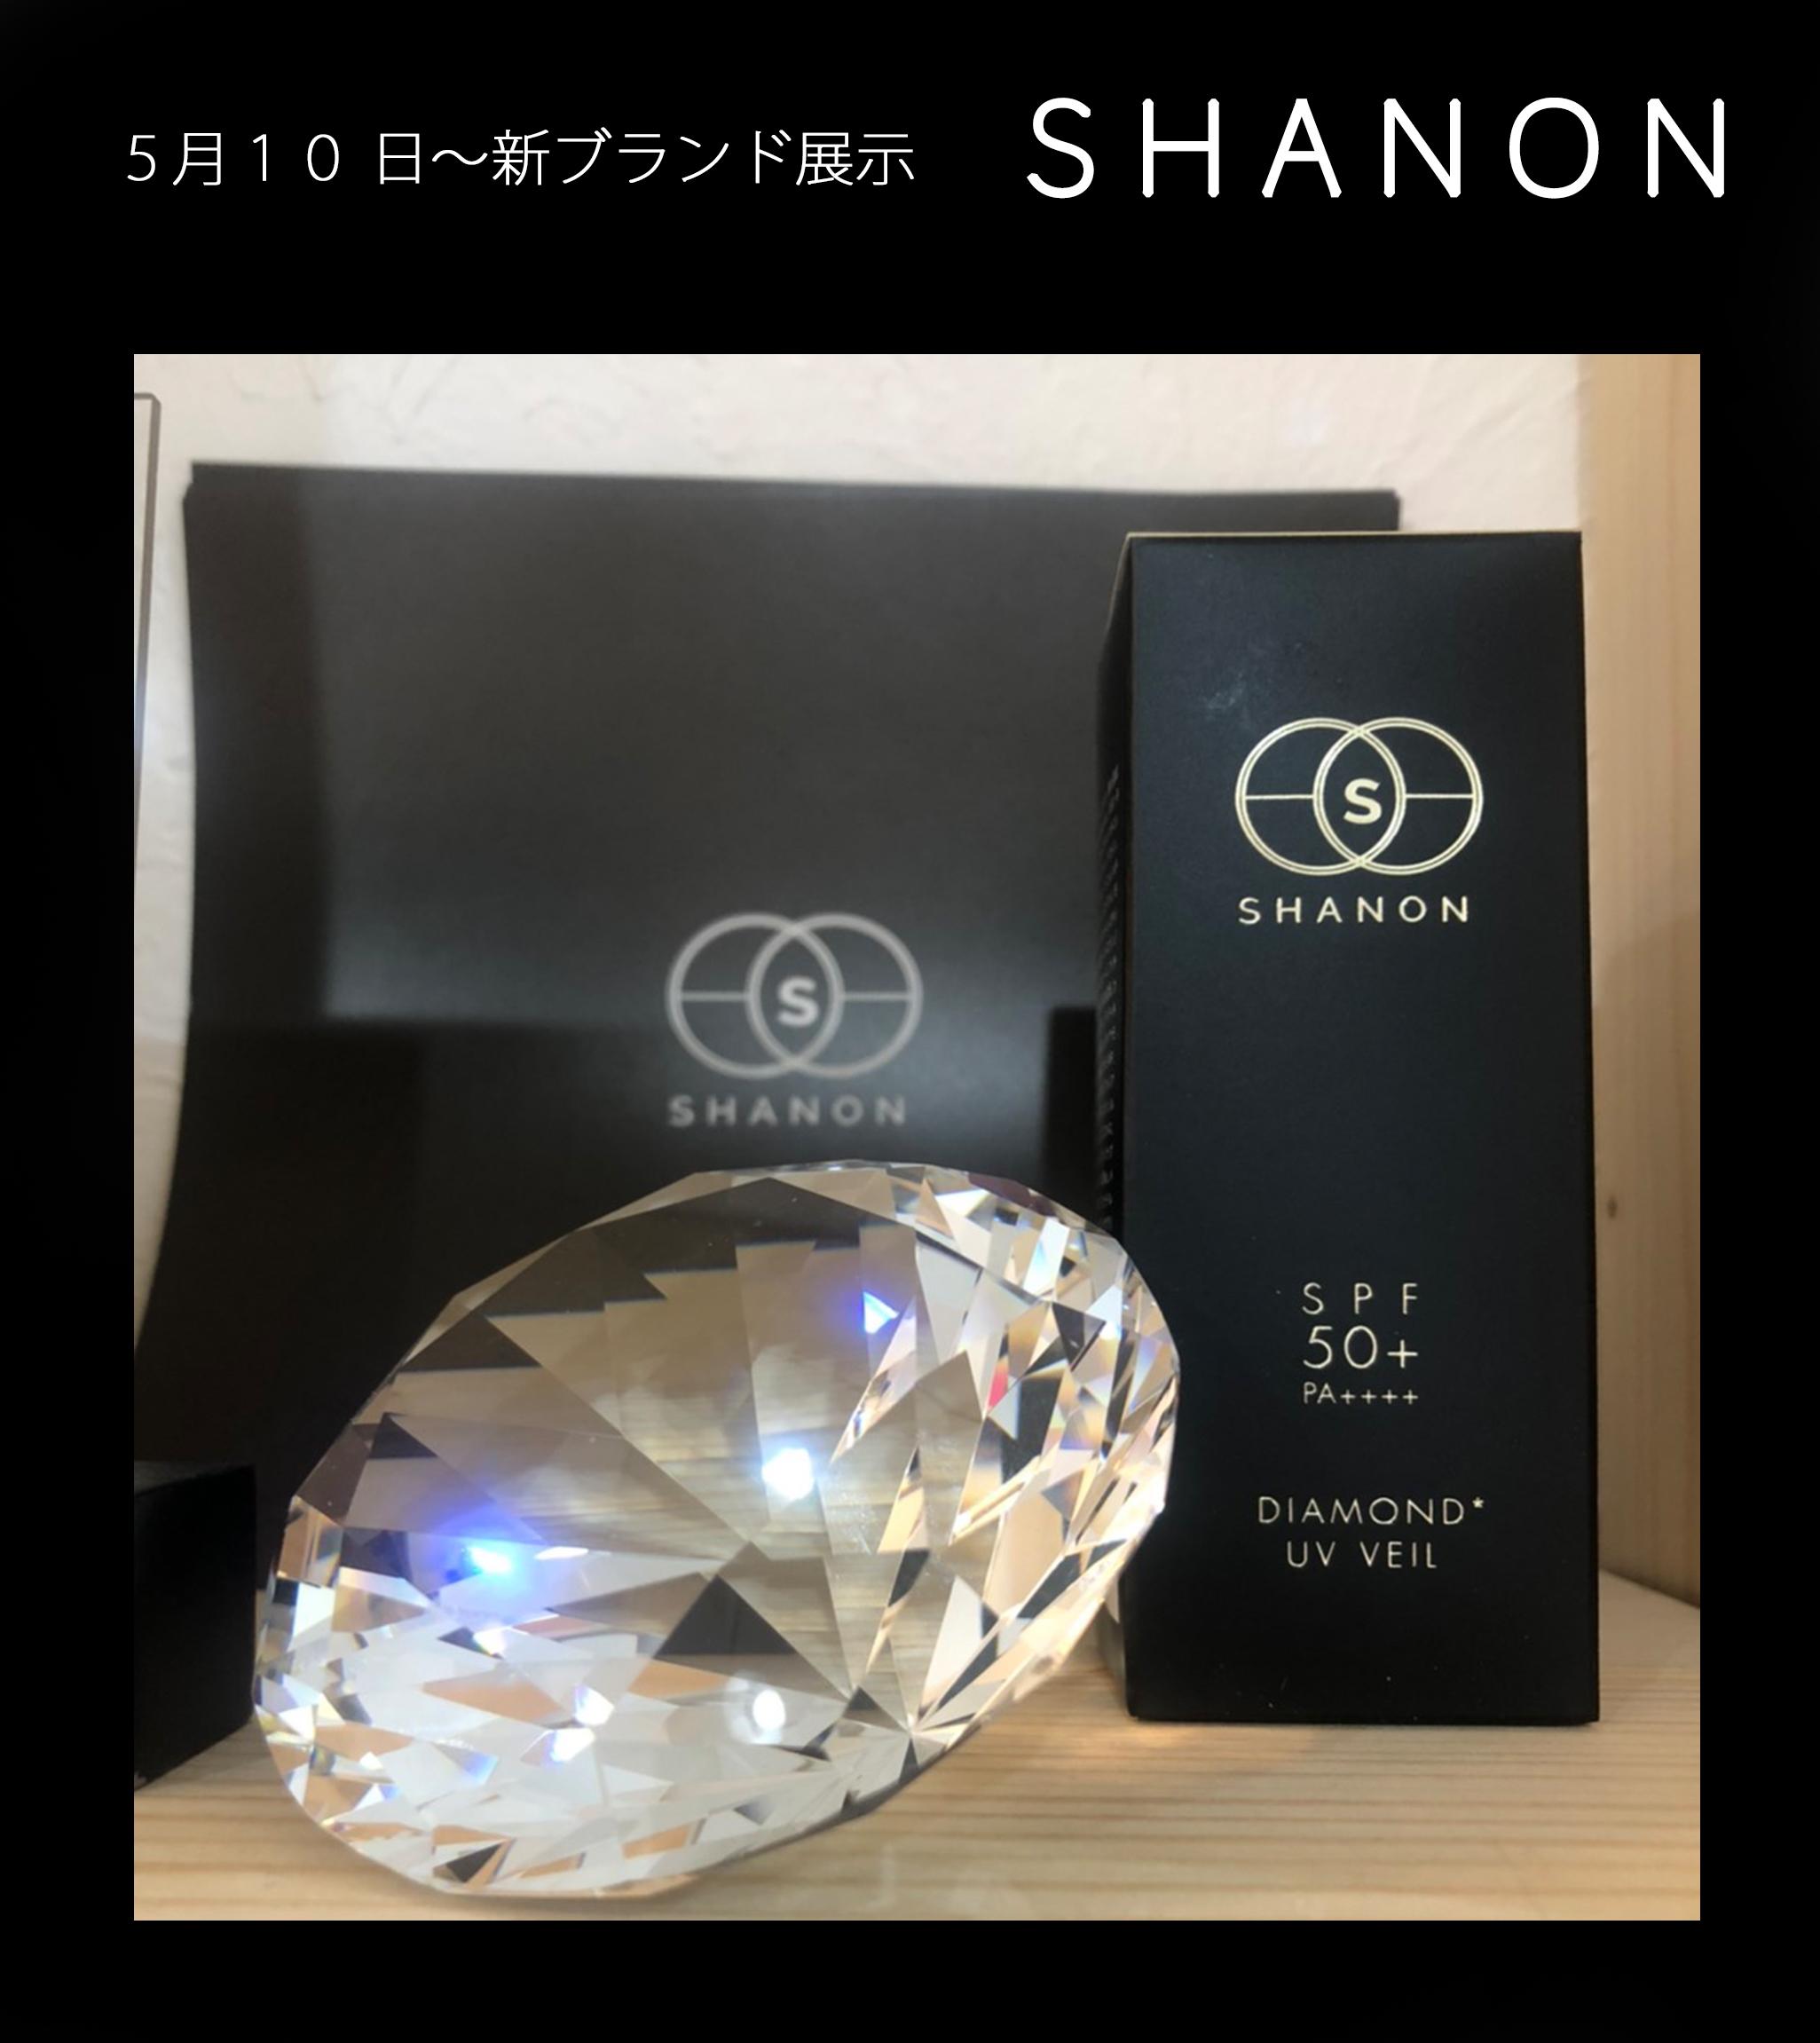 """ラグジュアリー感あふれる""""SHANON ダイヤ UV ベール"""""""